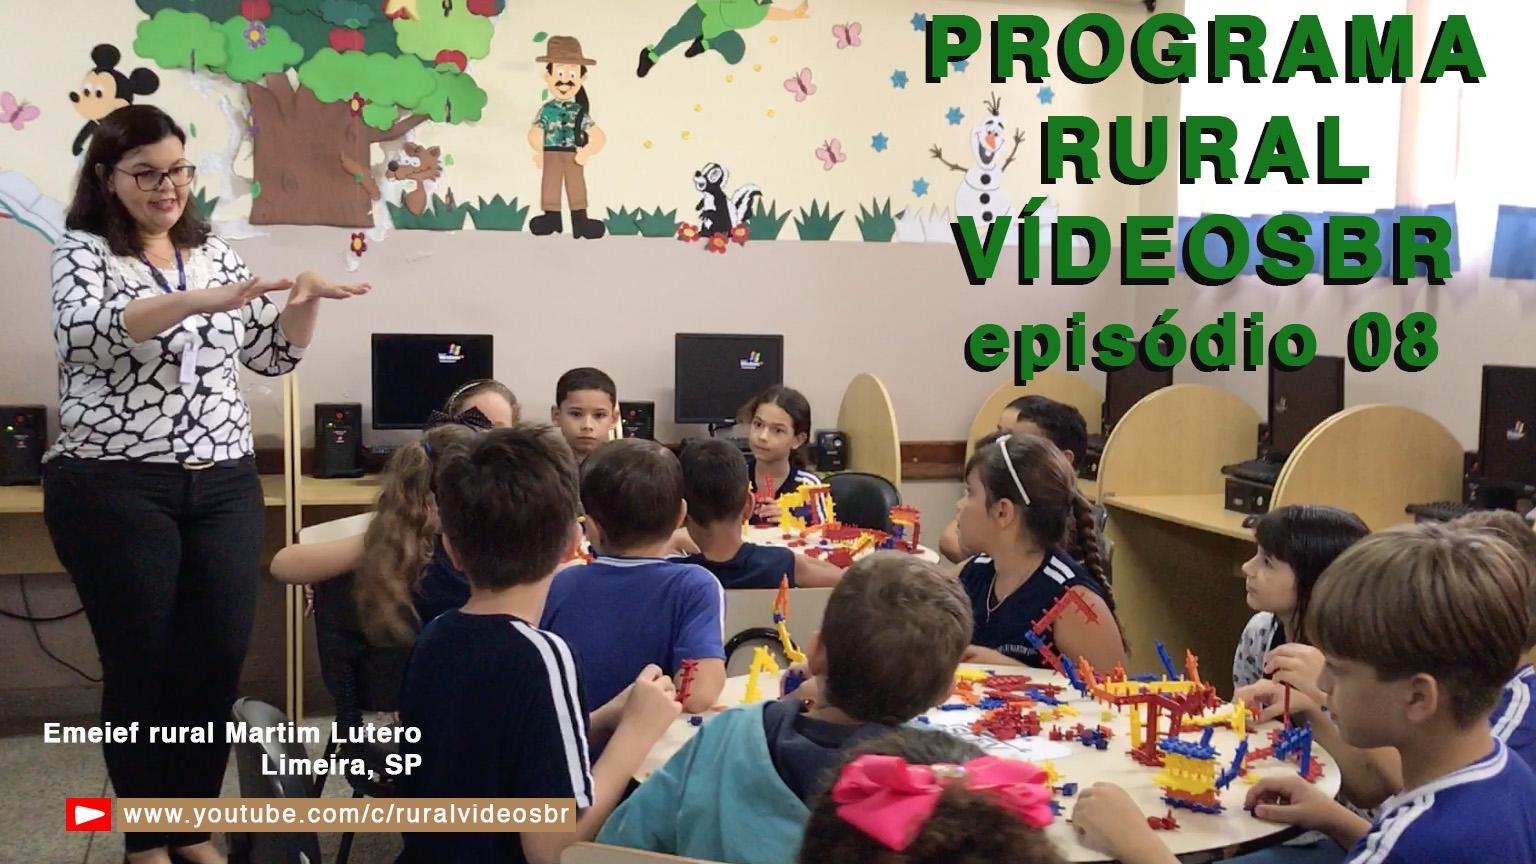 O Programa Rural Vídeos BR chega ao OITAVO episódio